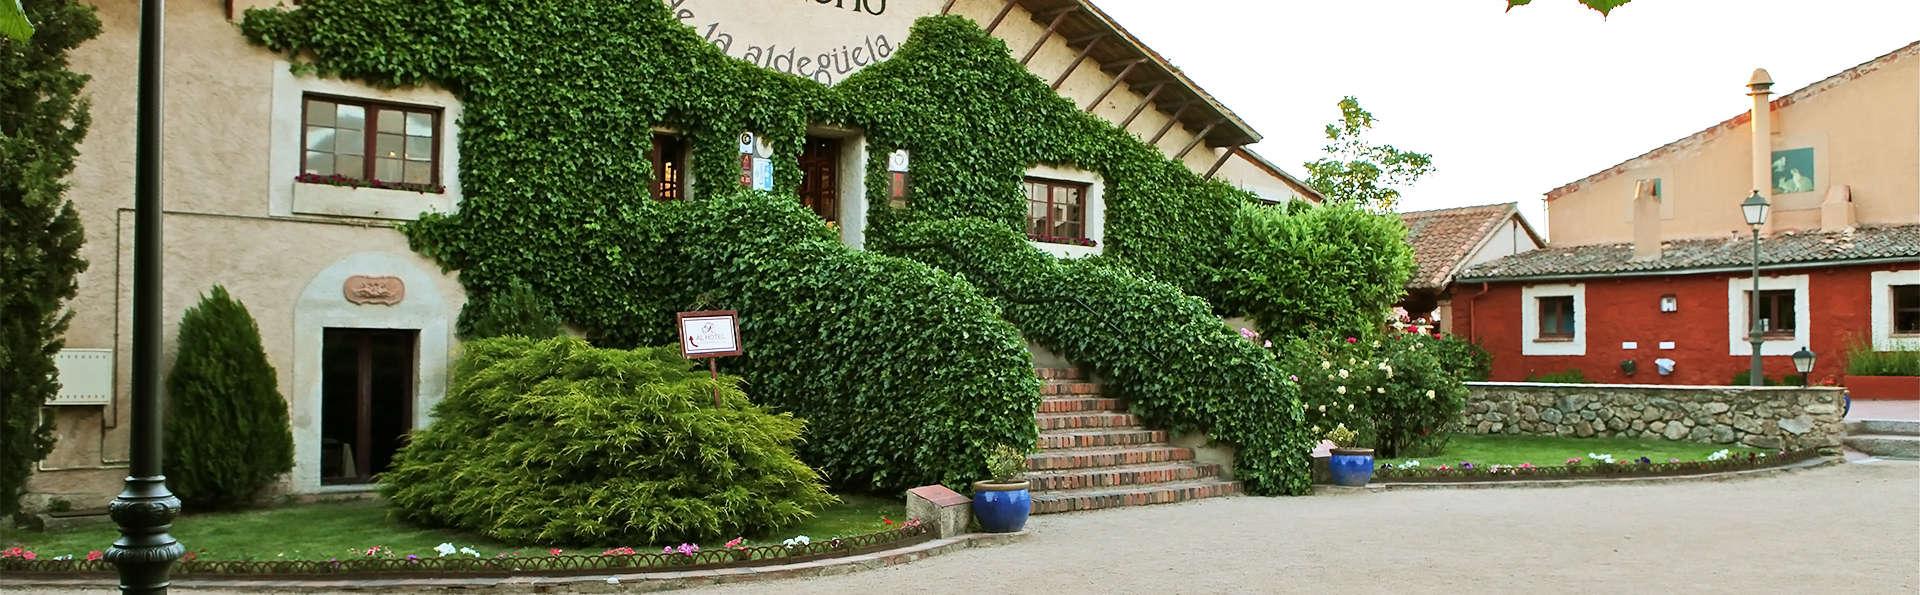 Hotel El Rancho de la Aldegüela - EDIT_facade2.jpg